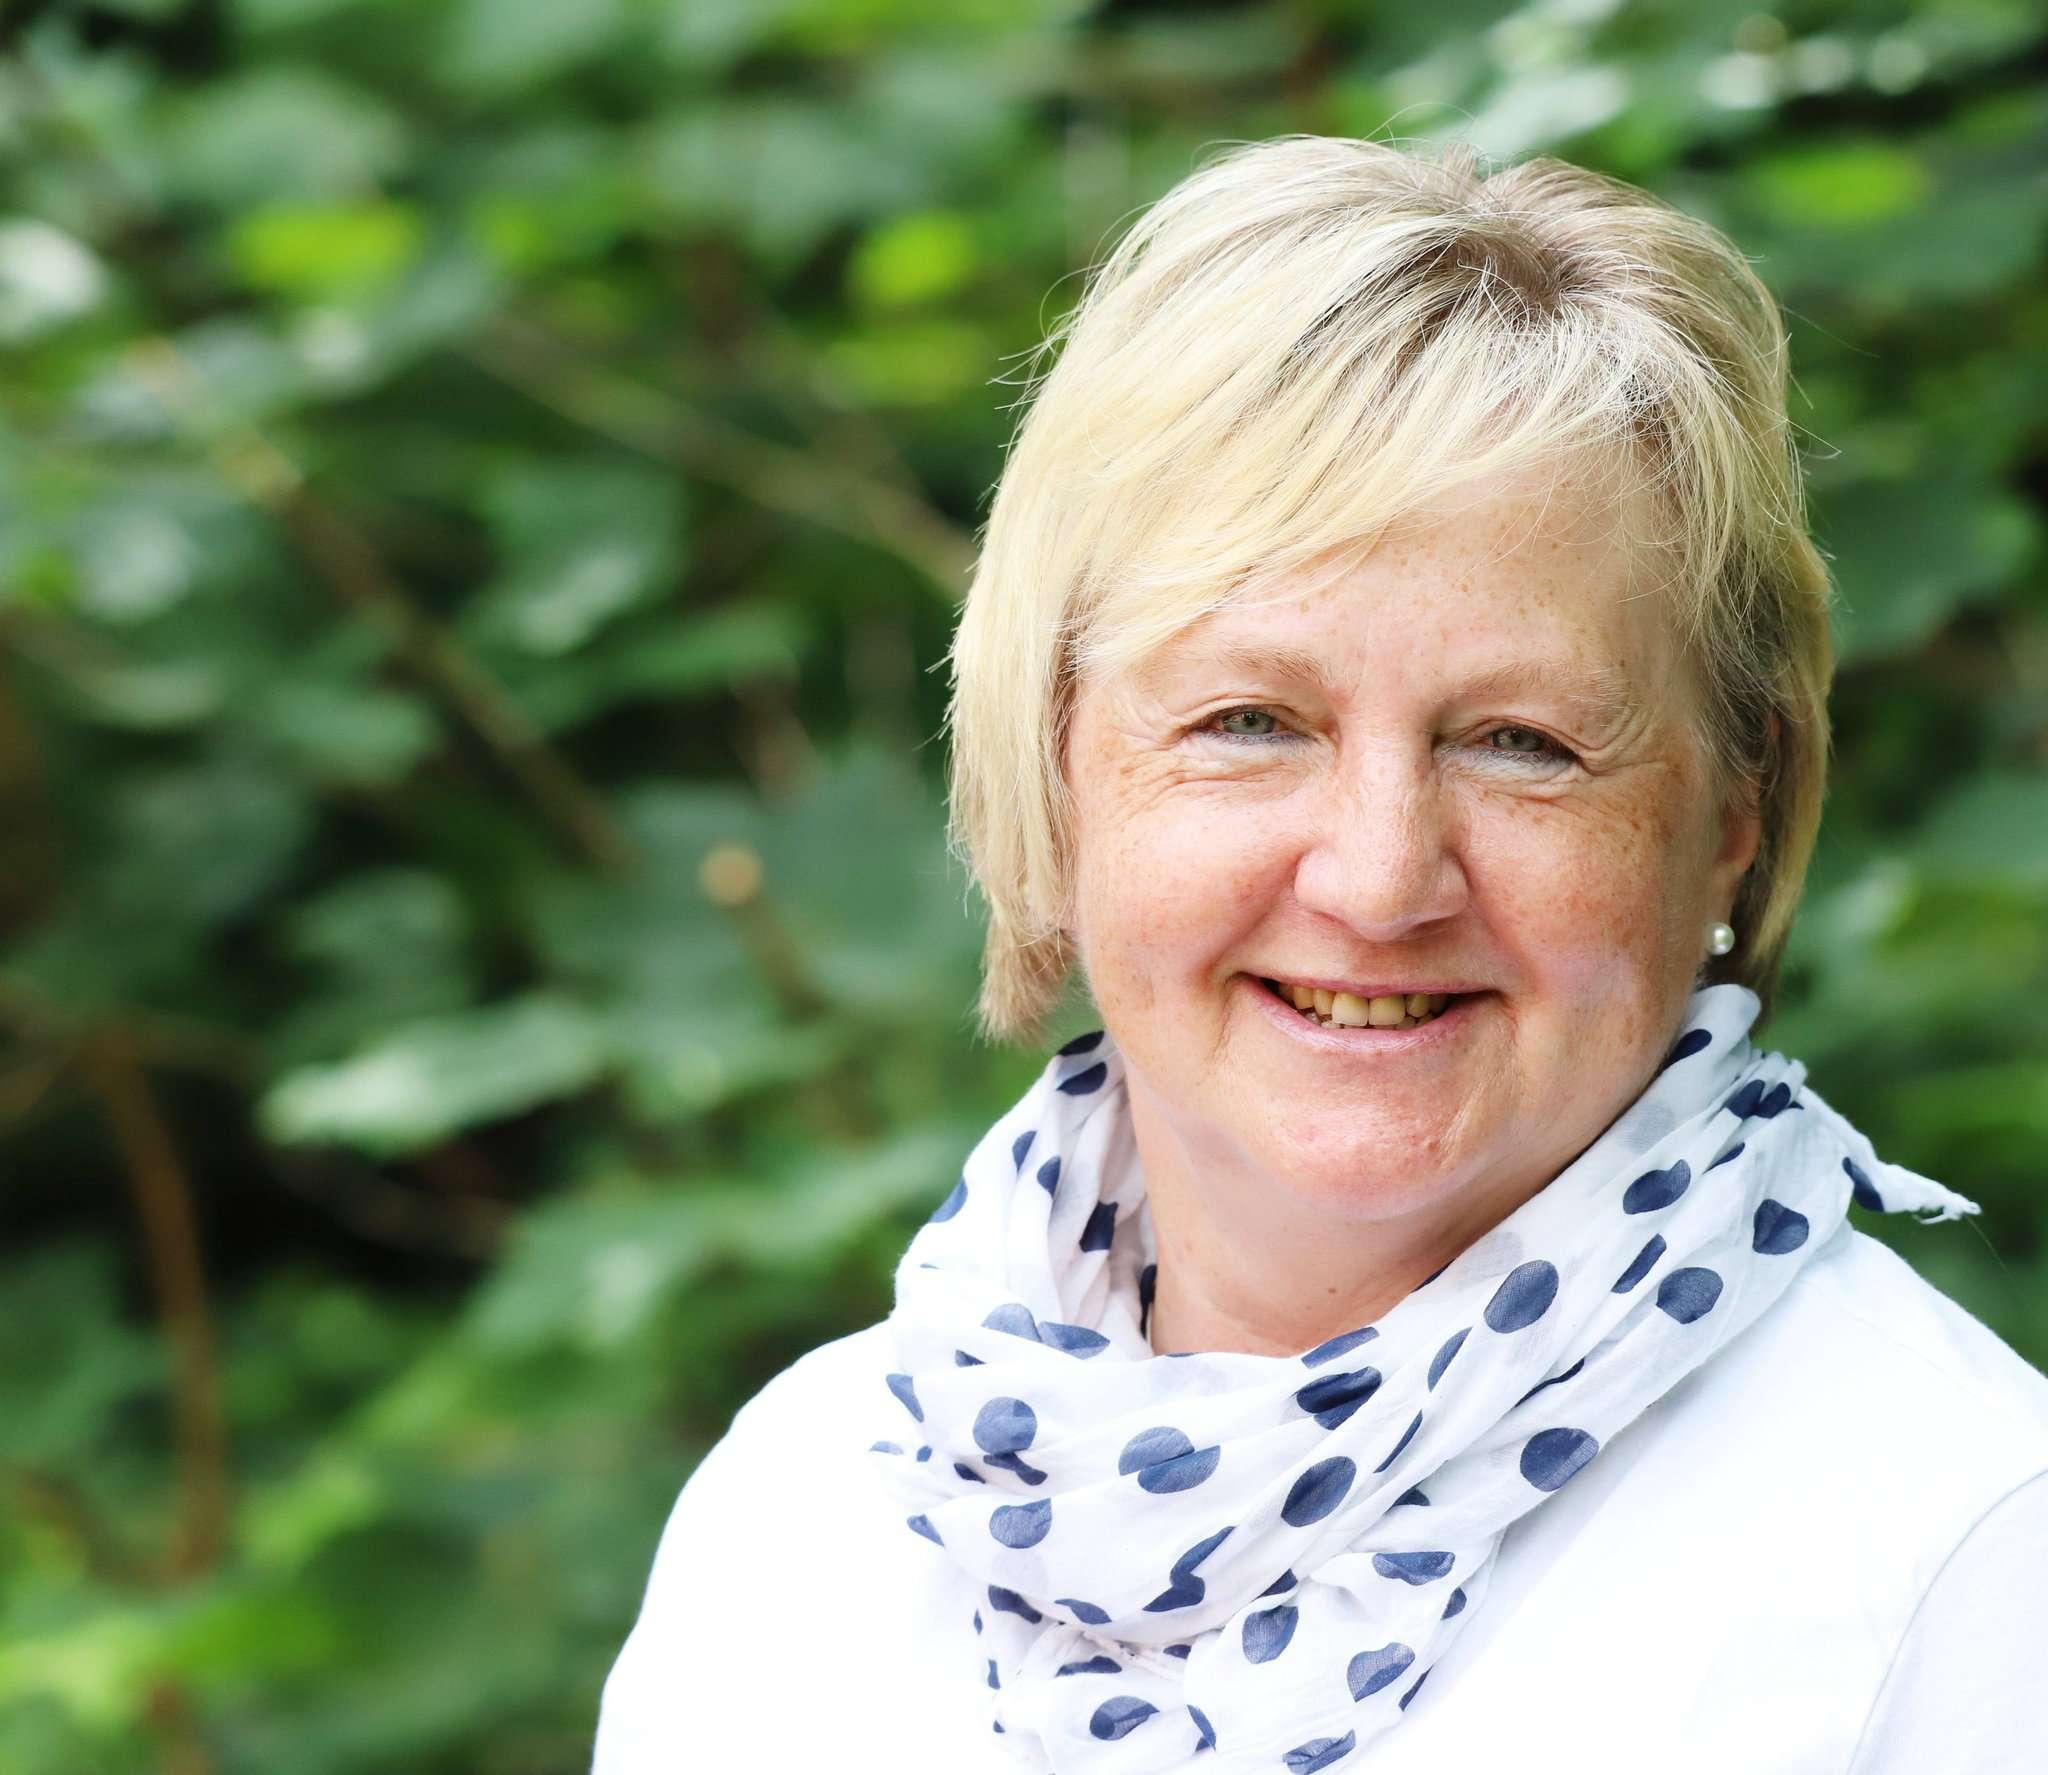 Gründet eine Sucht-Selbsthilfegruppe für Frauen: Marina Hohenkamp möchte ein Vorbild sein.